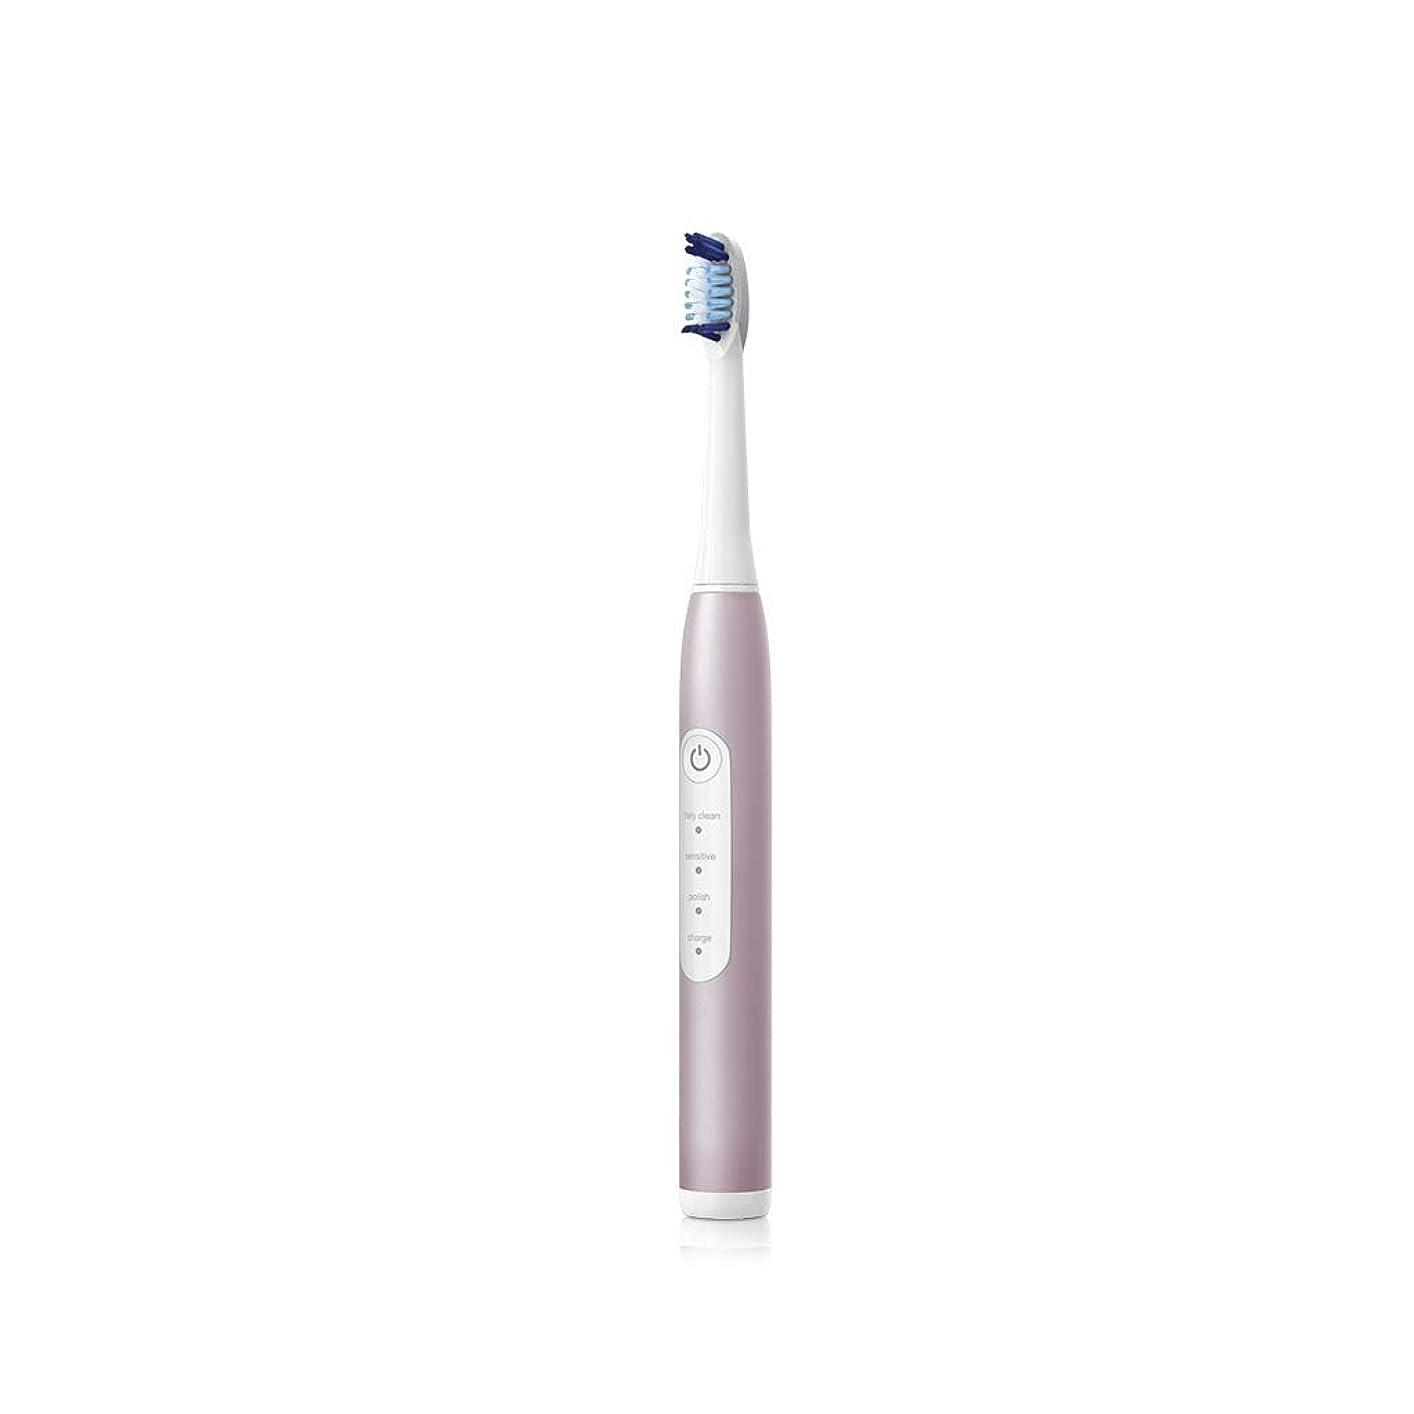 姓最も早いその結果電動歯ブラシ 防水誘導の充満スケーラーを白くする大人の音波の電動歯ブラシのスマートなタイミング (色 : B)